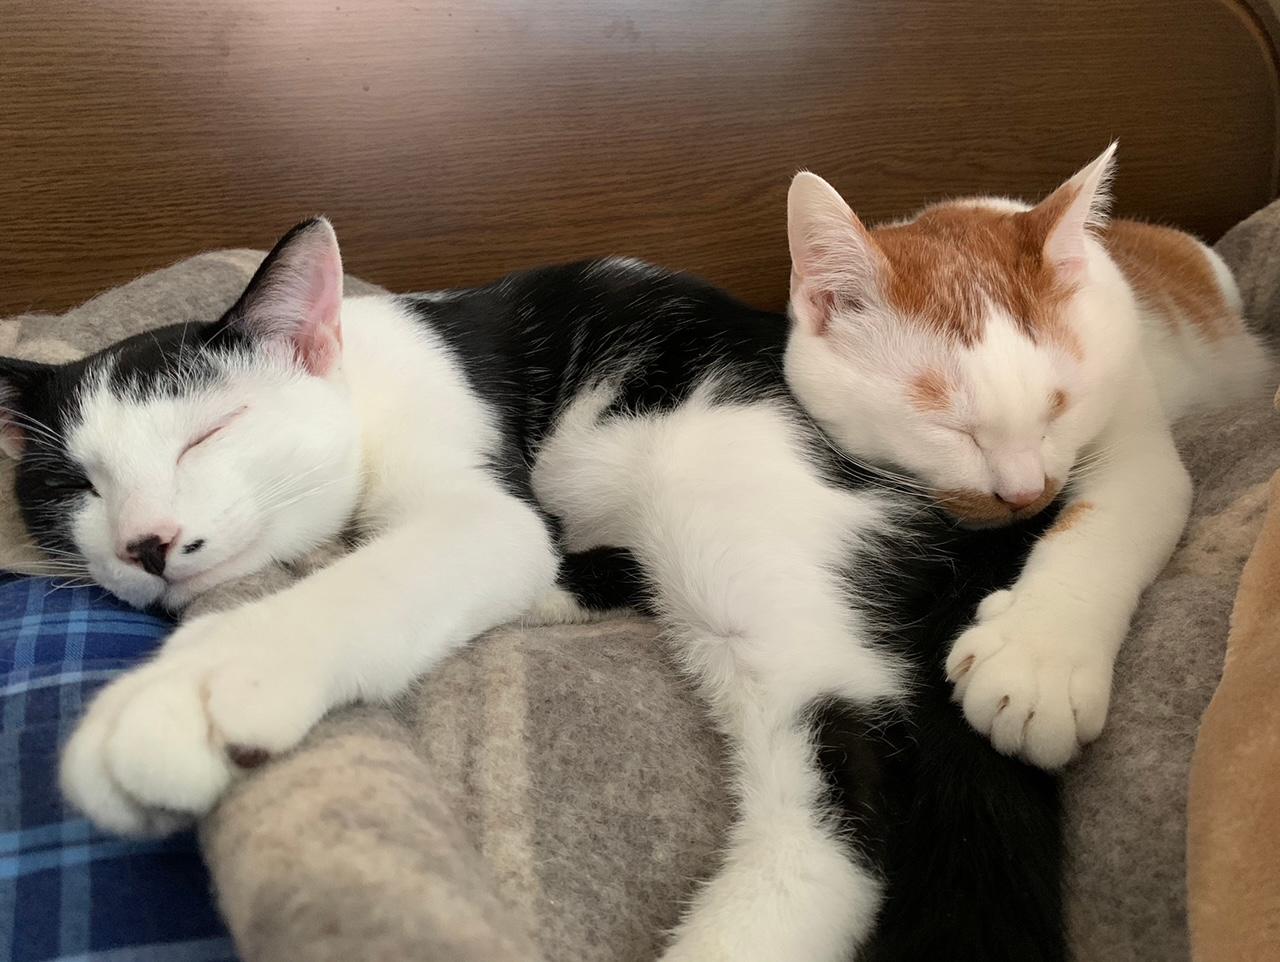 横に並んで眠る猫・ルウくんとラビくん